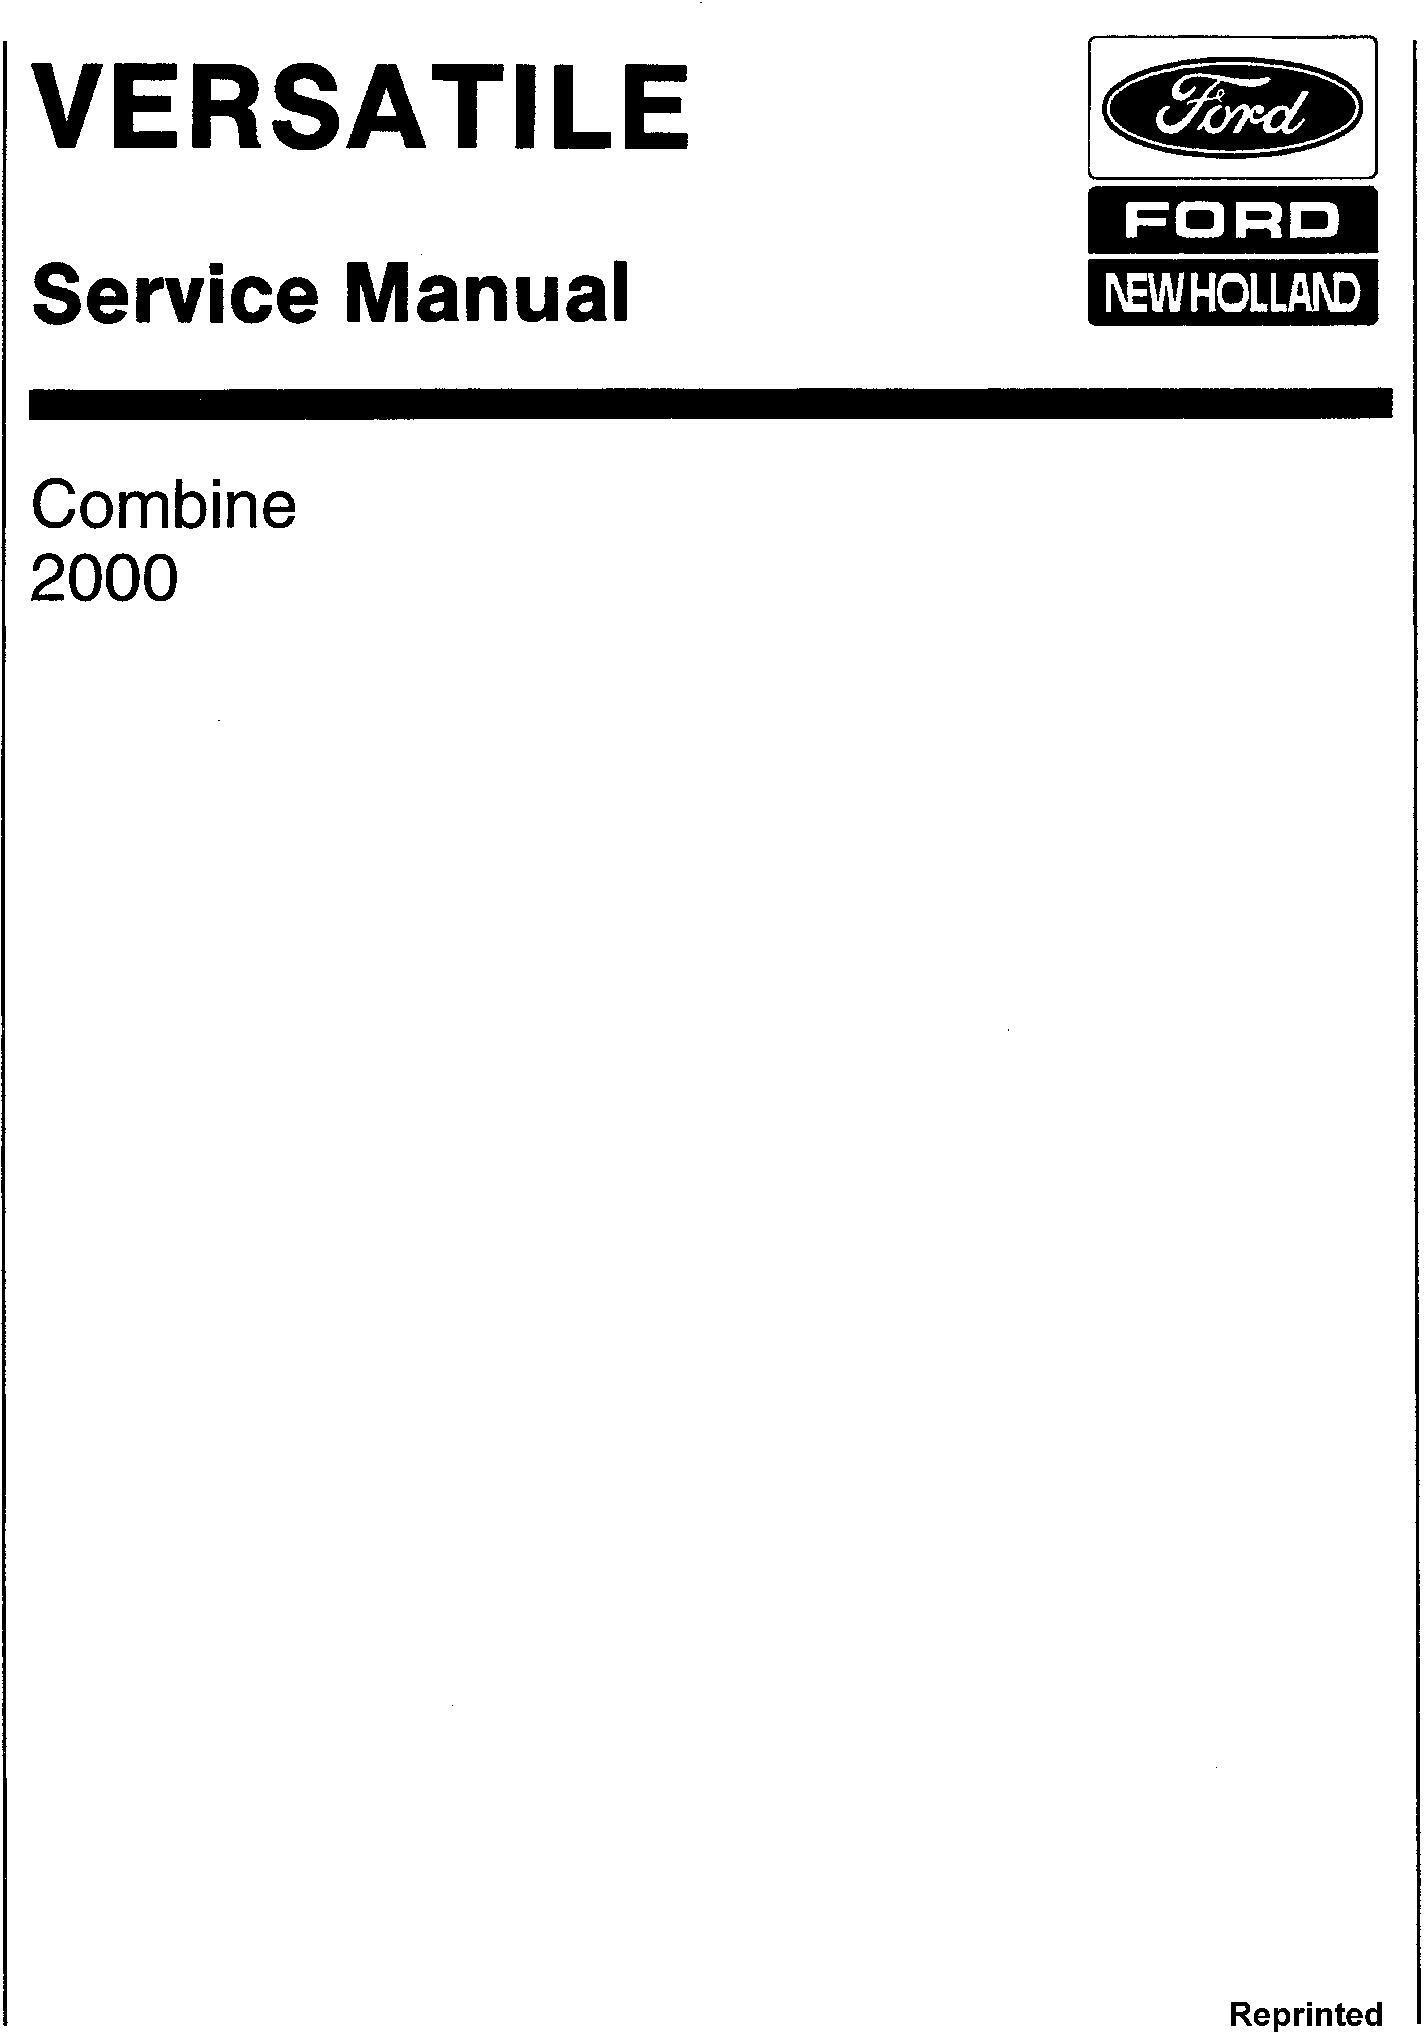 New Holland Versatile 2000 Combine (1985) Service Manual